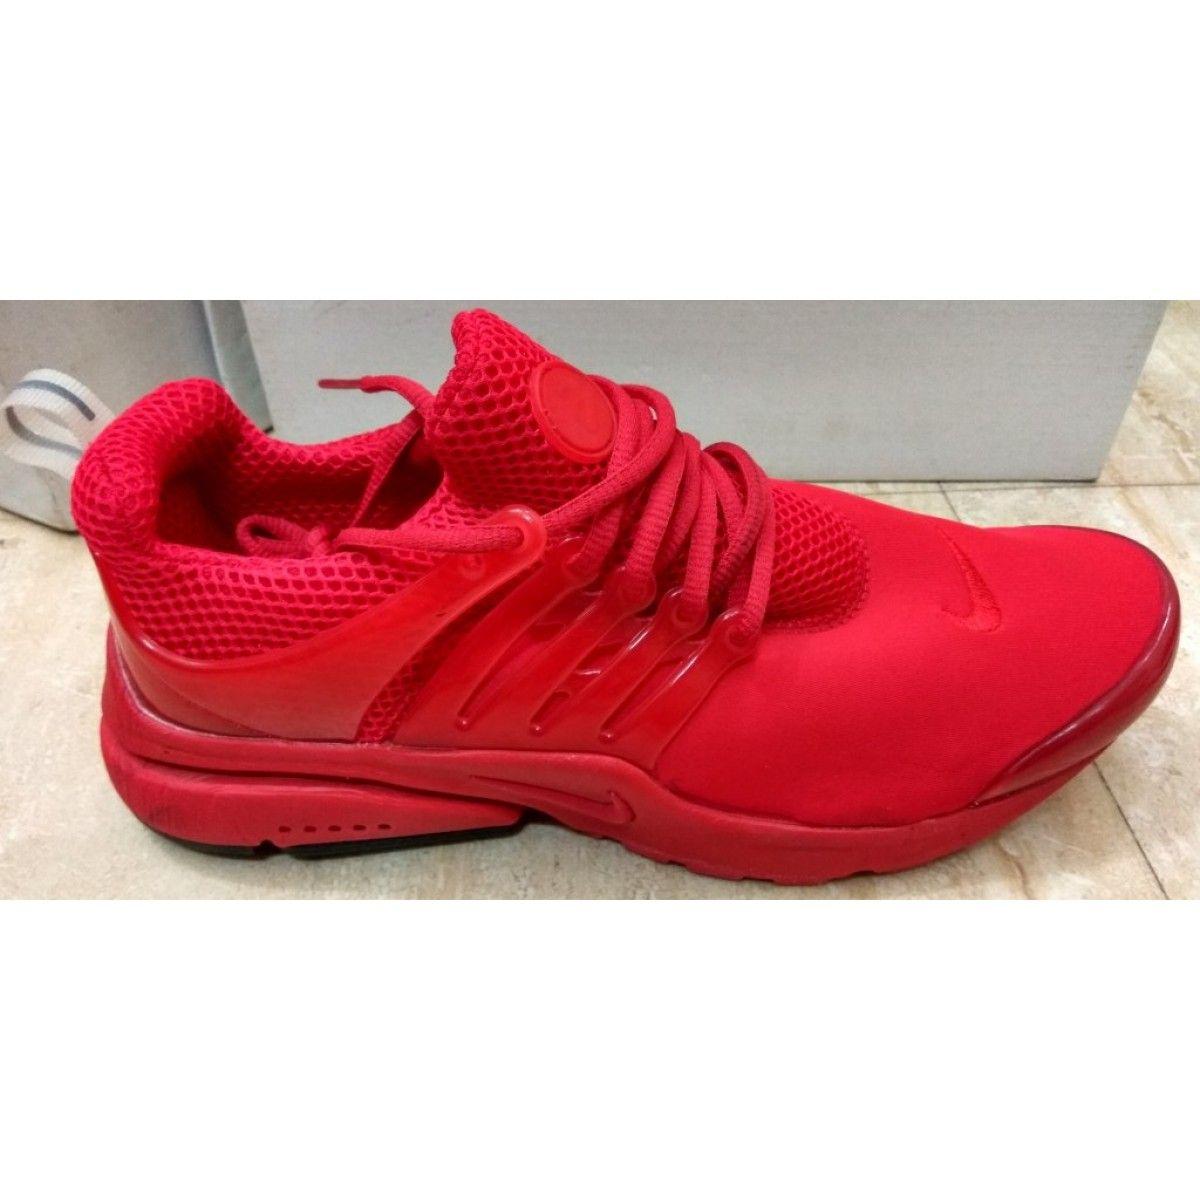 Nike Air Presto Red | Presto shoes